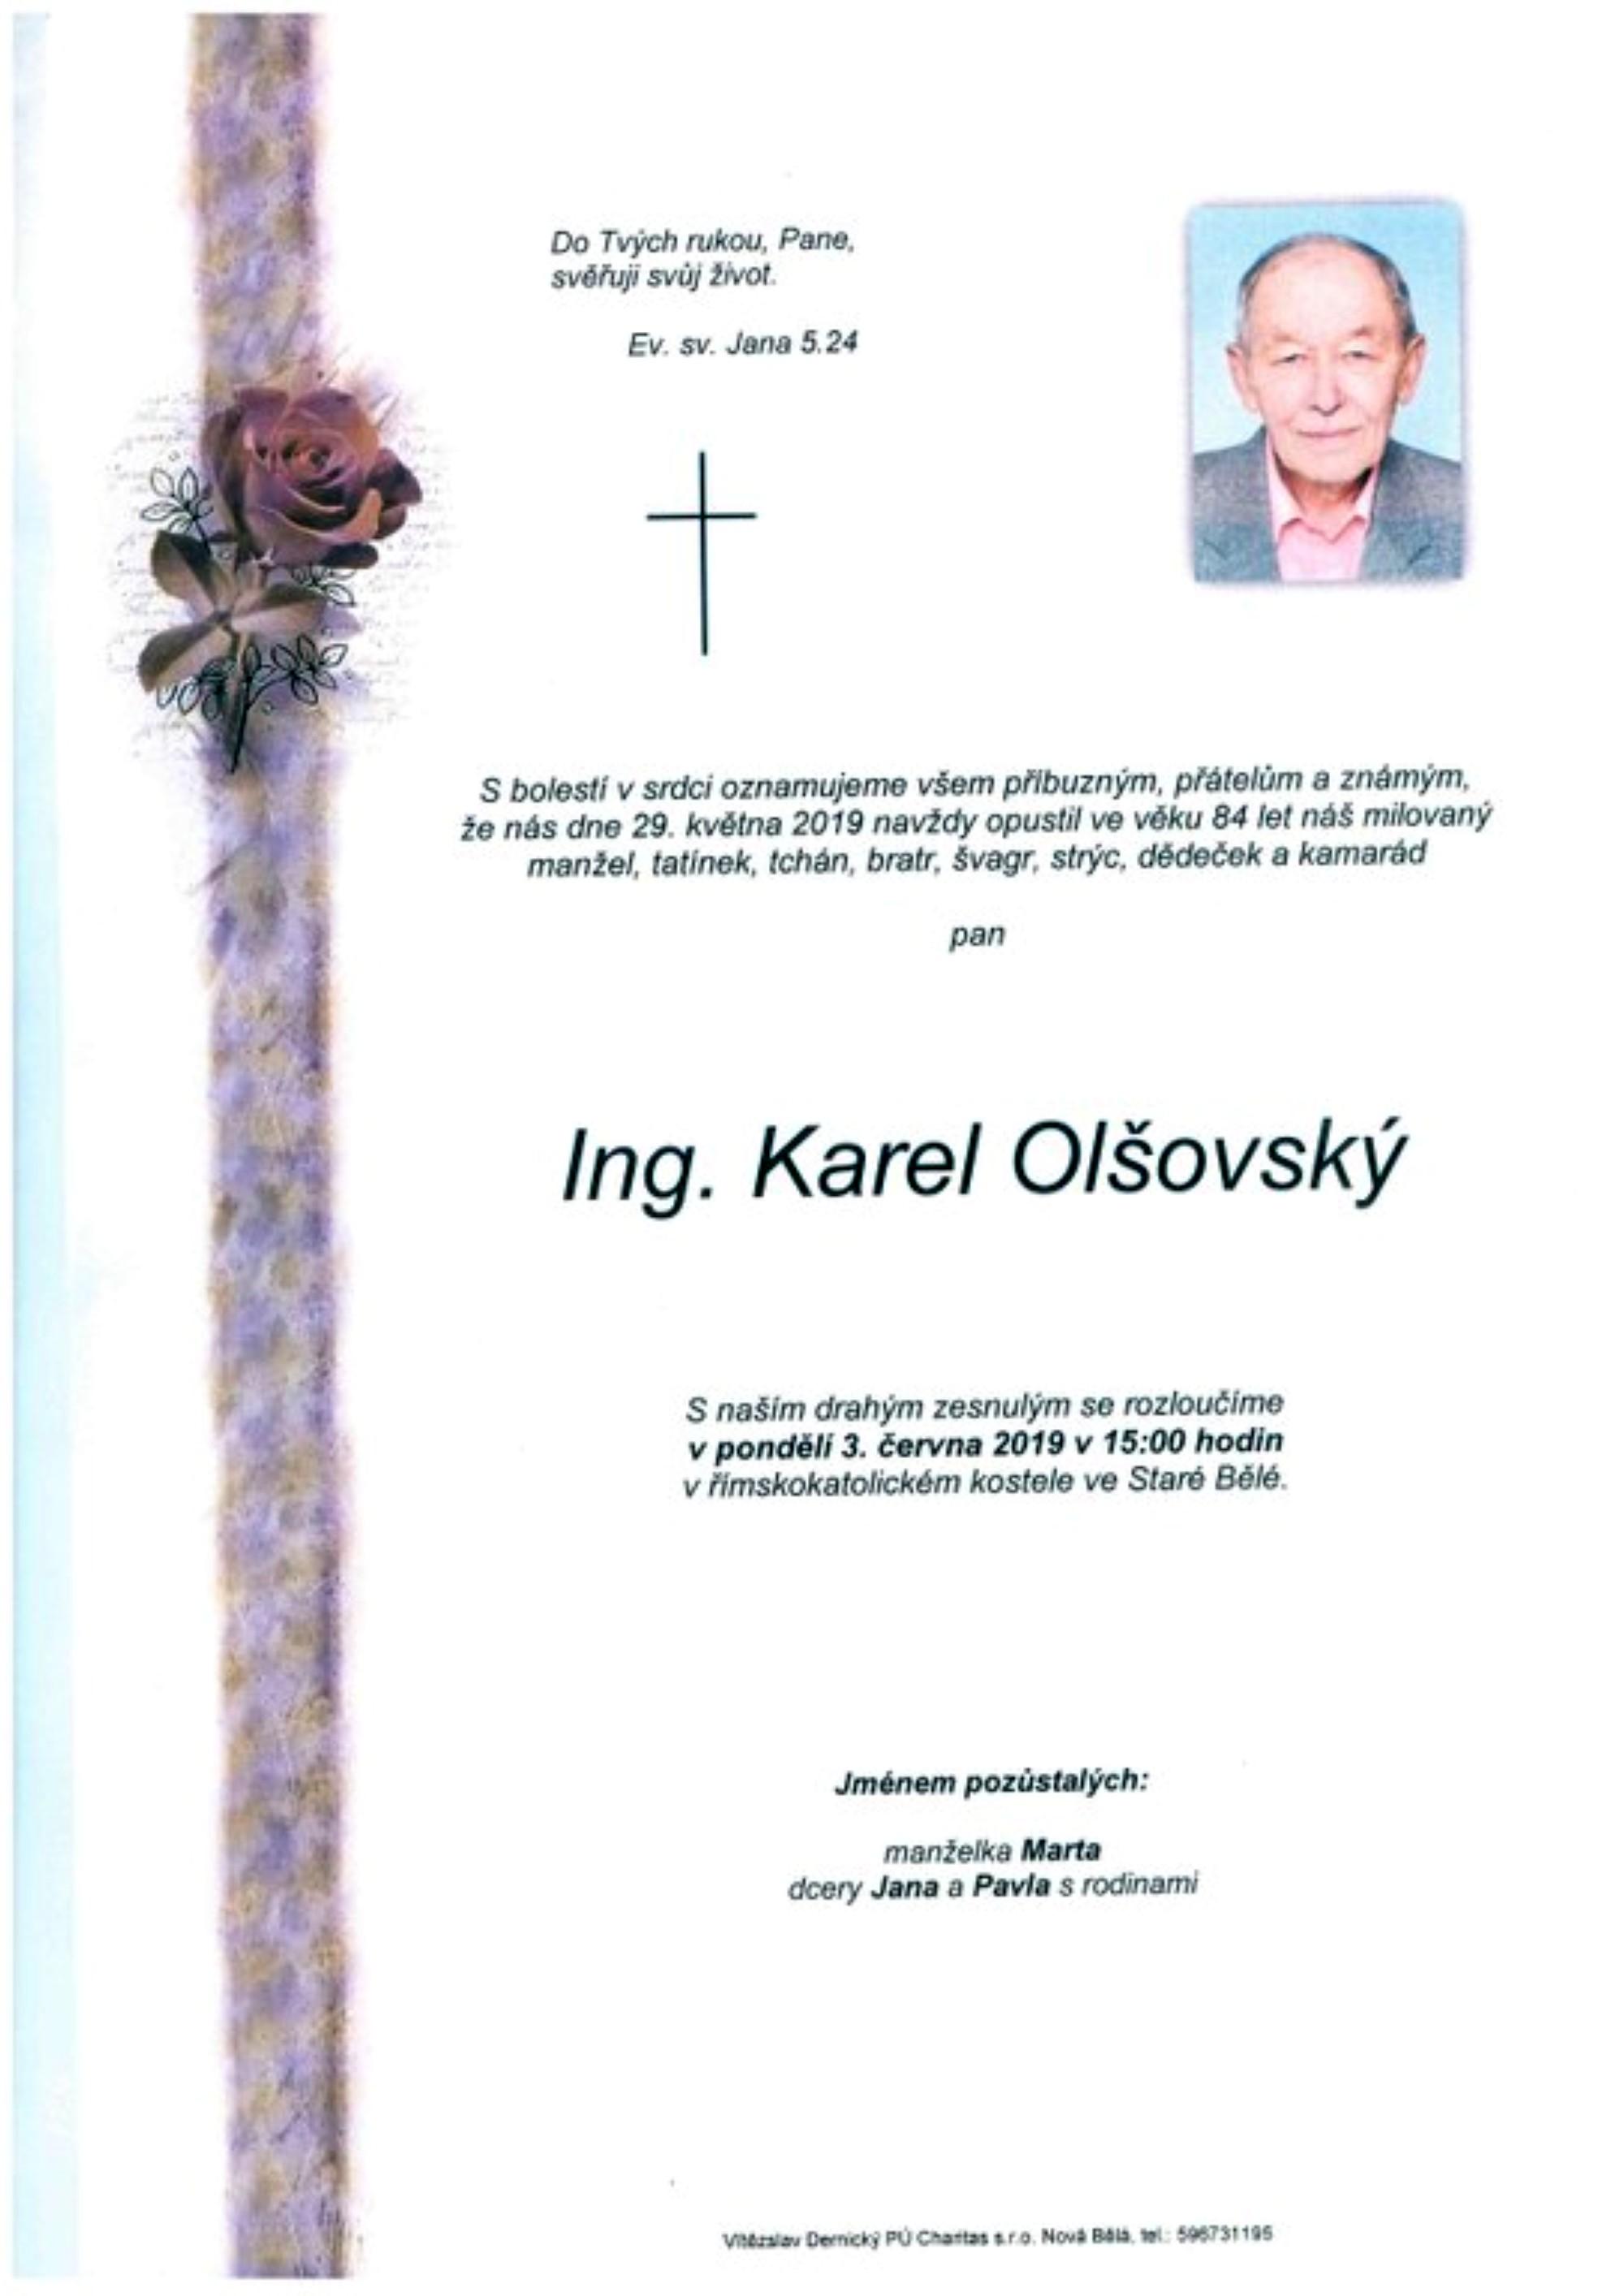 Ing. Karel Olšovský